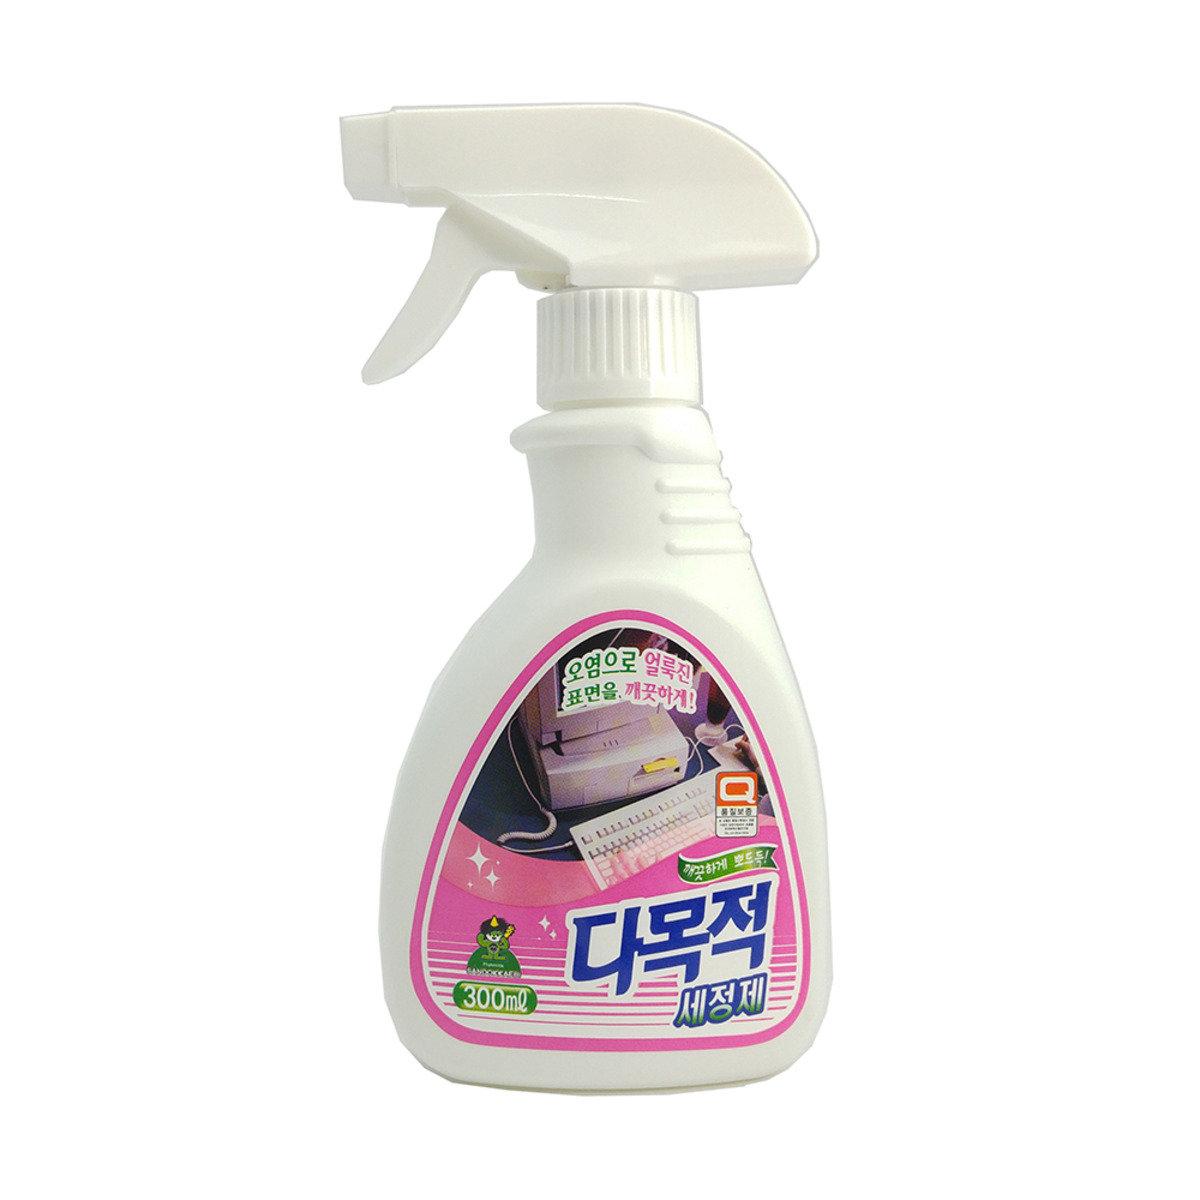 多用途清潔劑 (300毫升)